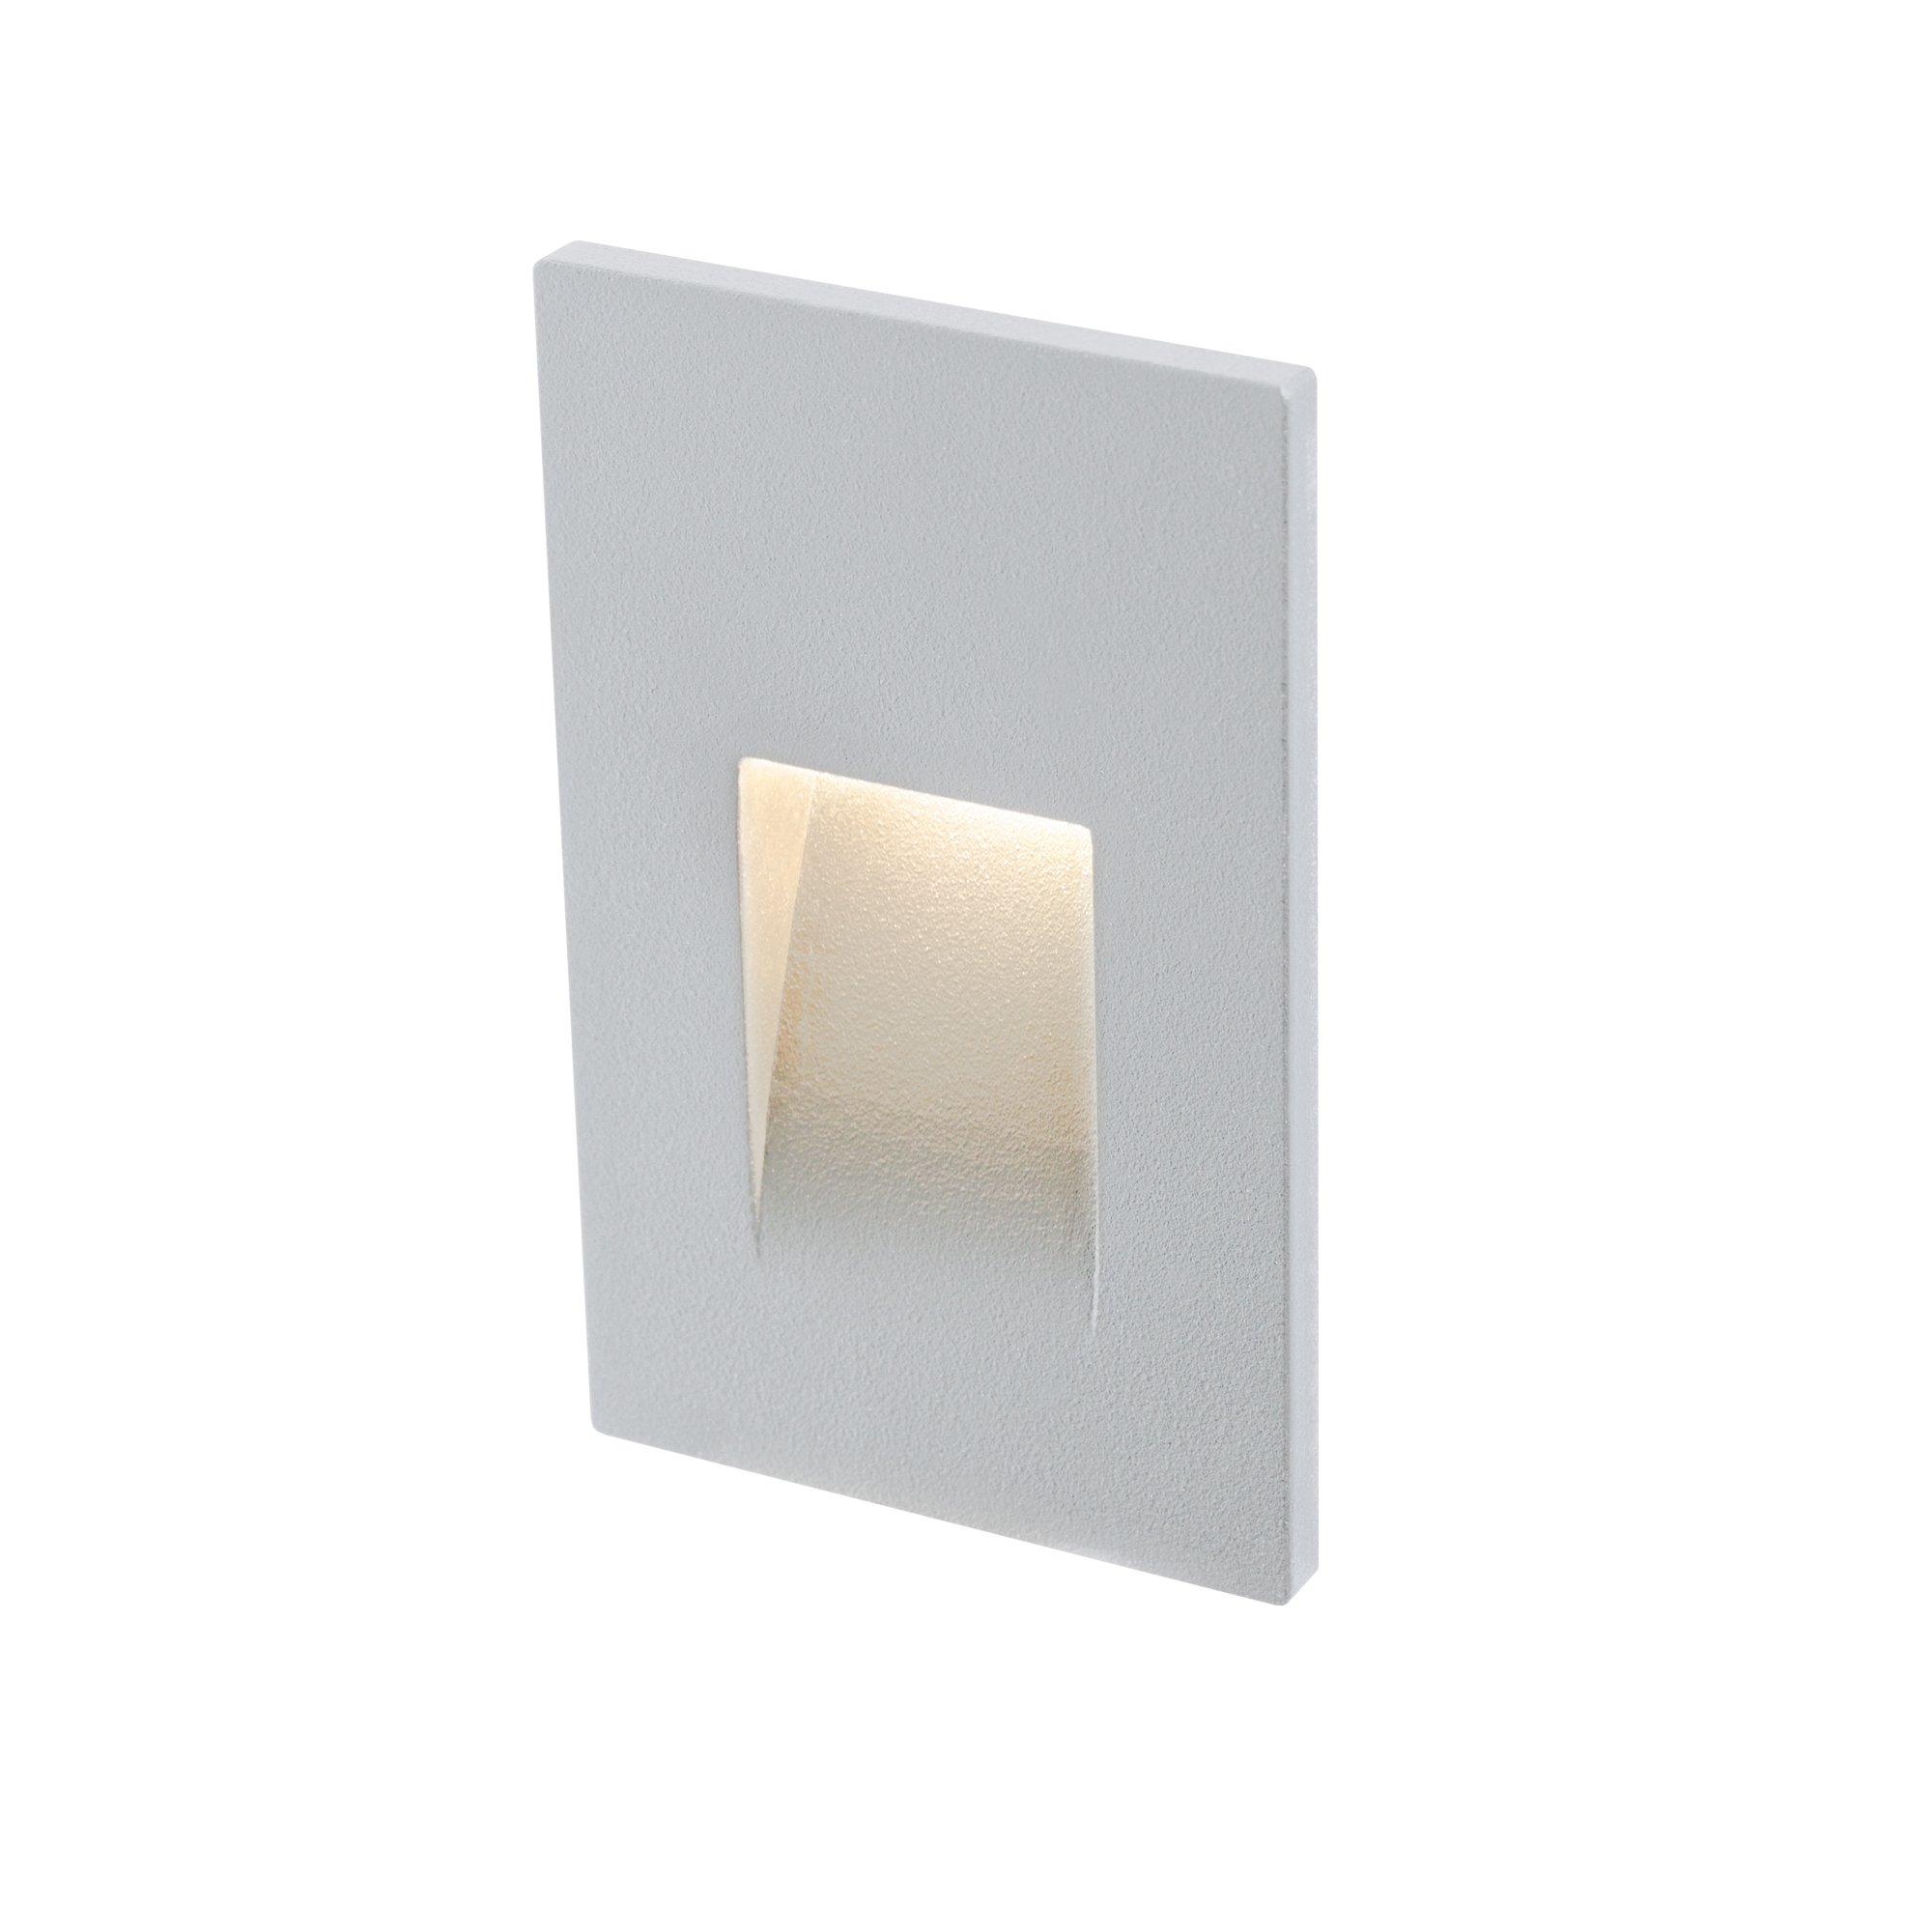 DALS Lighting LEDSTEP002D-SG 3'' Recessed Vertical Indoor/Outdoor LED Step Light Satin Grey